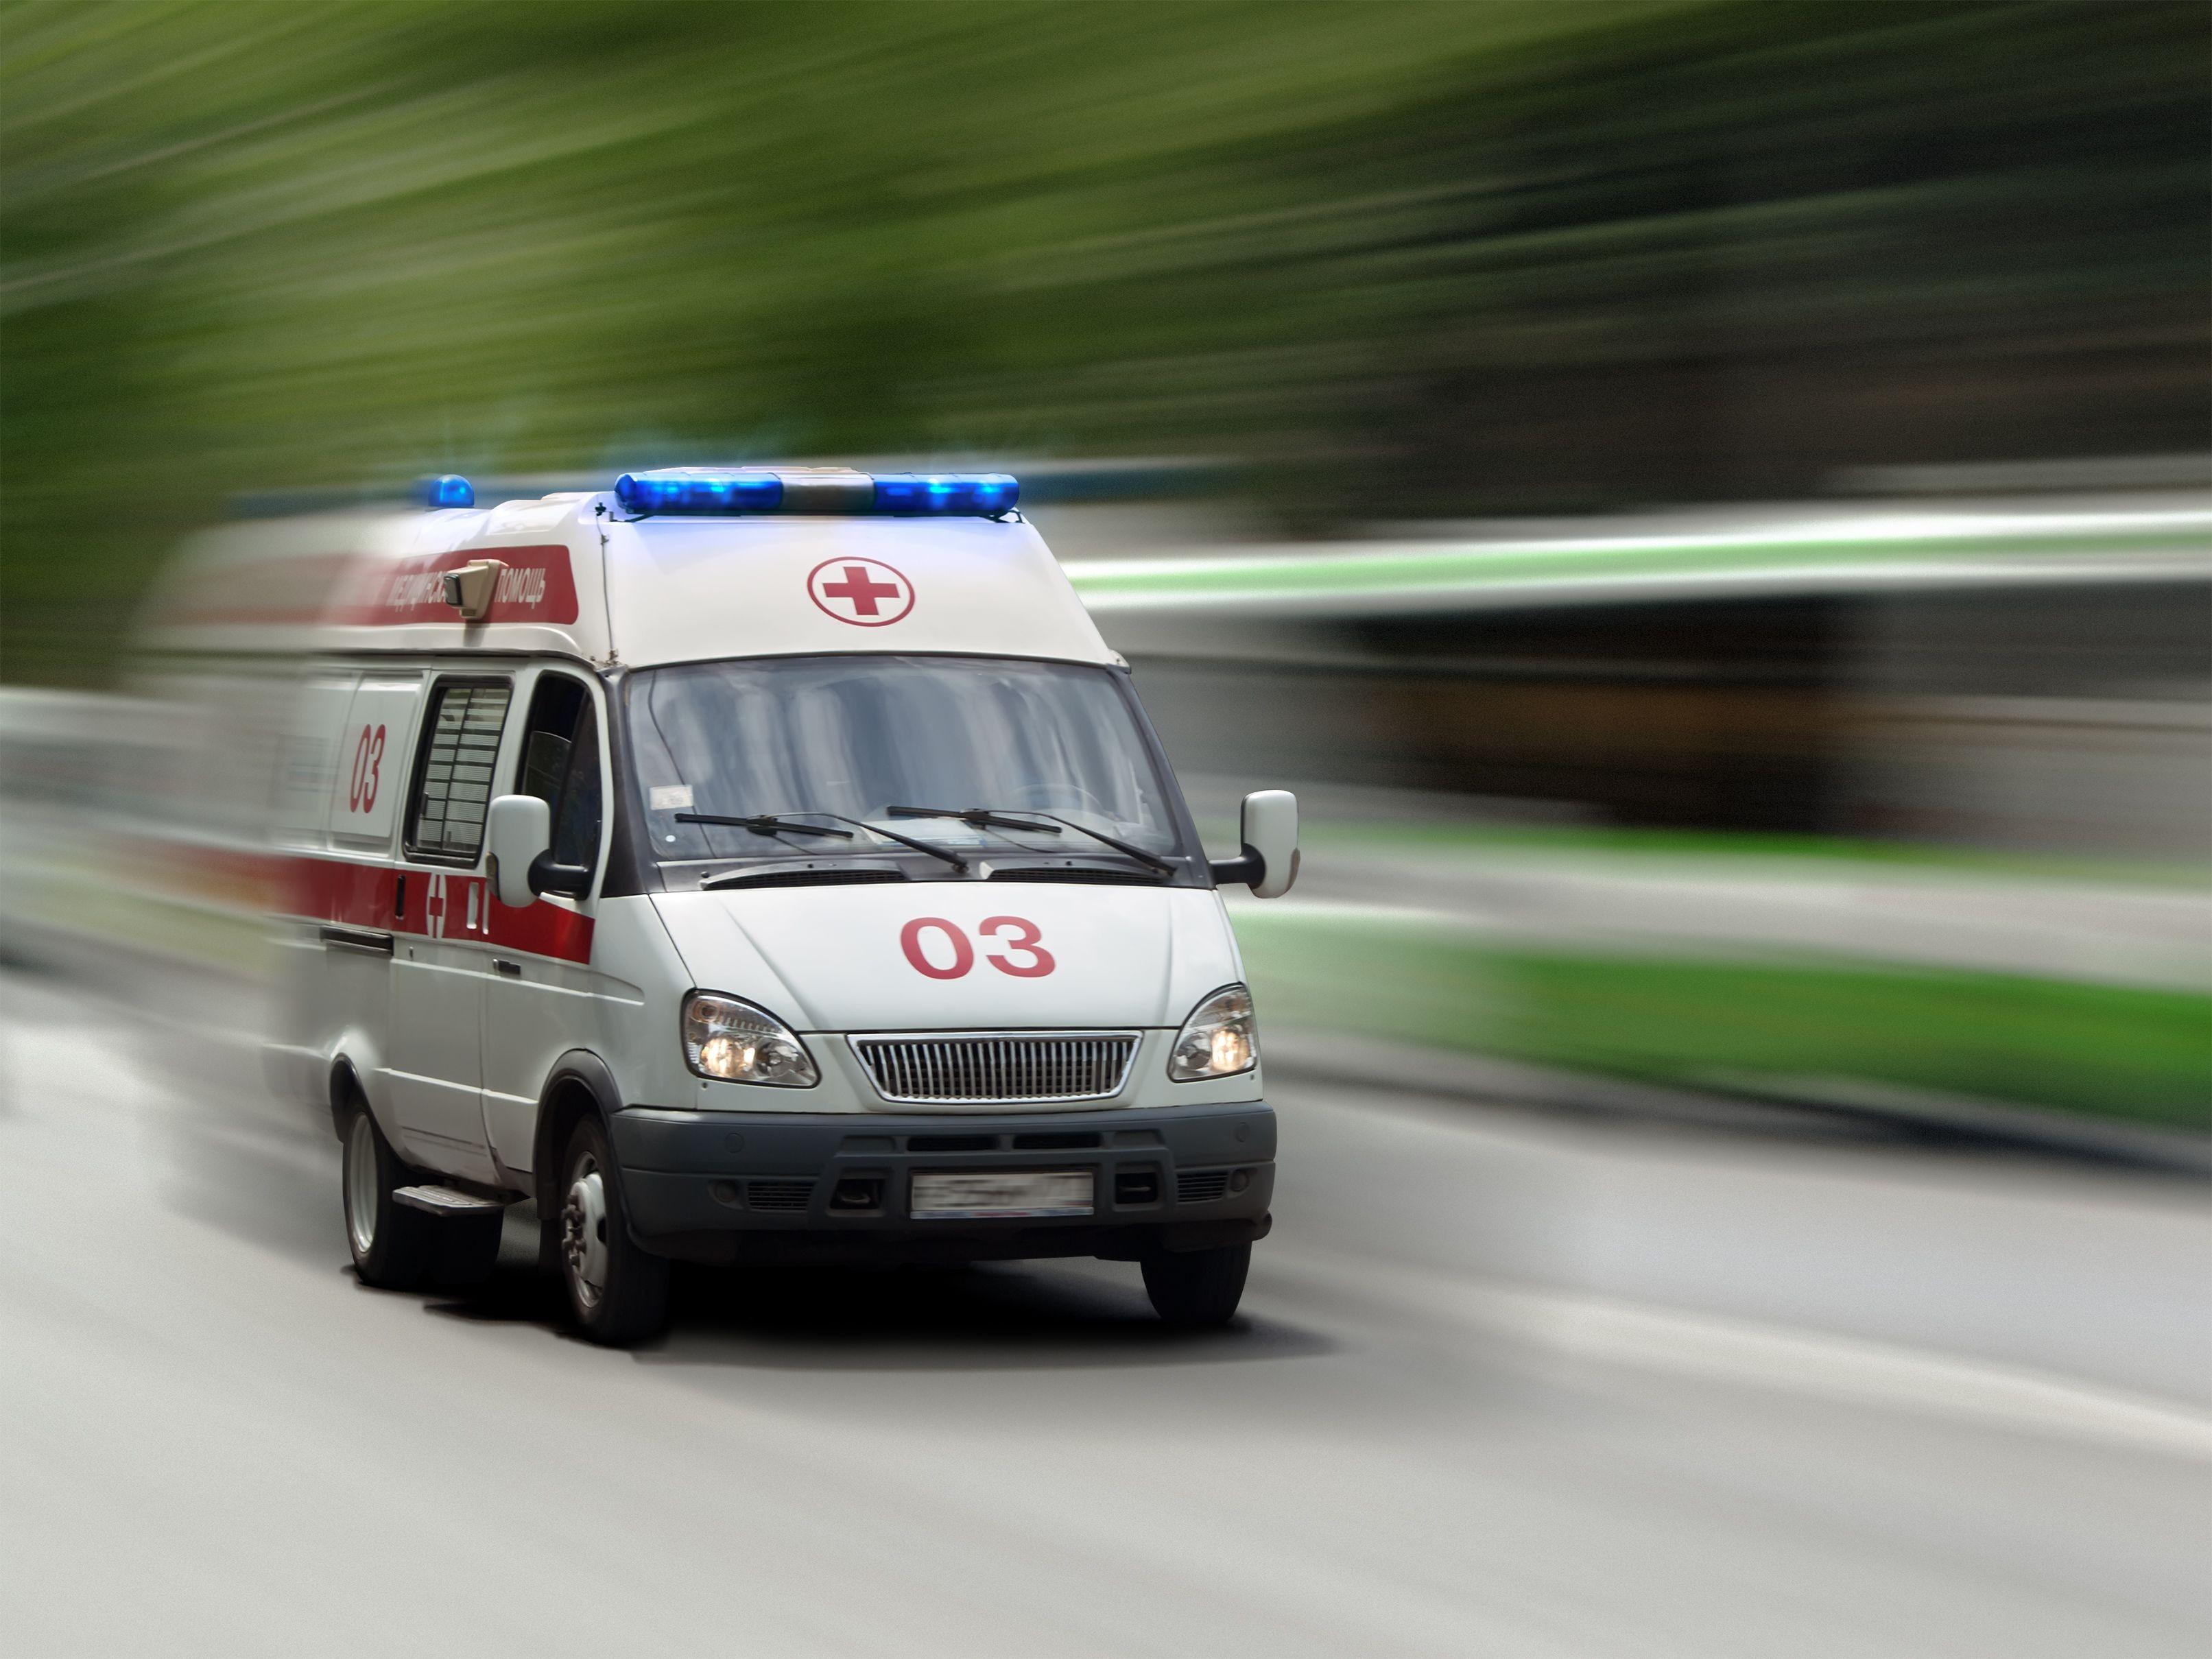 ВоВладикавказе врезультате происшествия надороге умер шофёр скорой помощи